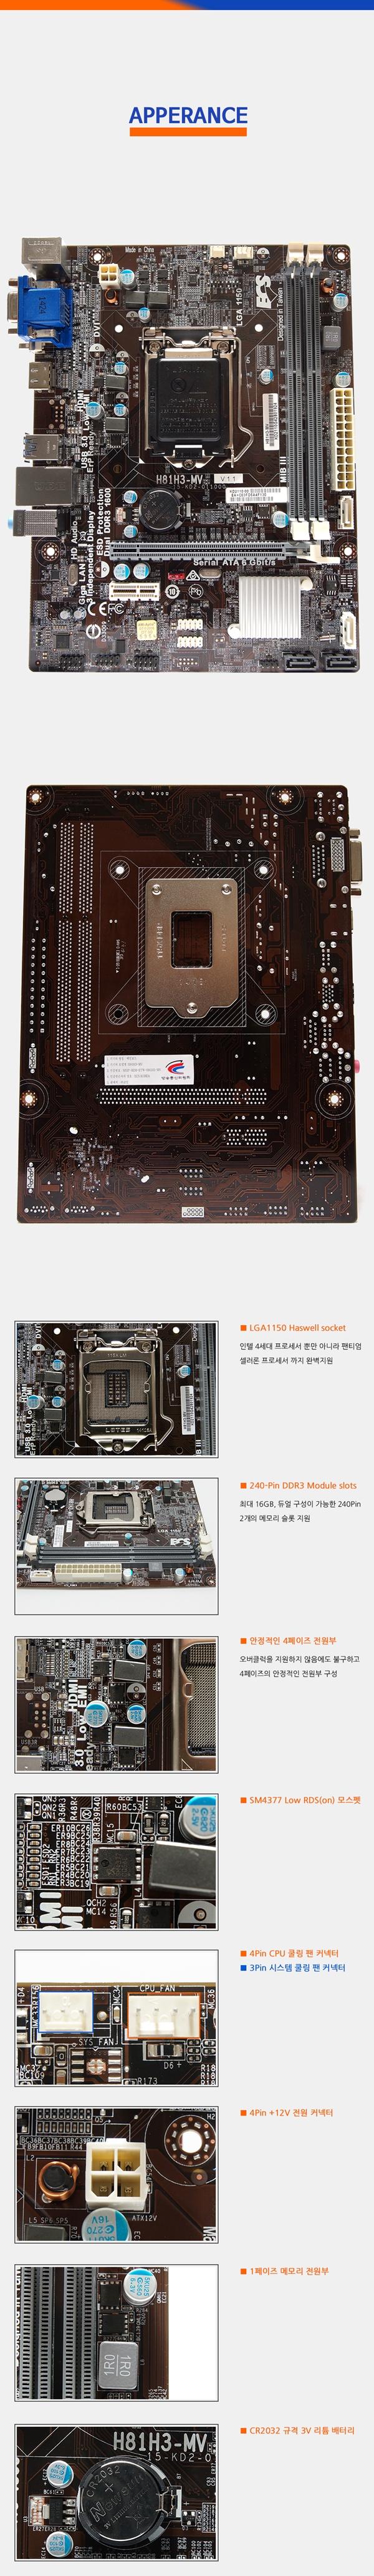 ECS H81H3 MV����.jpg